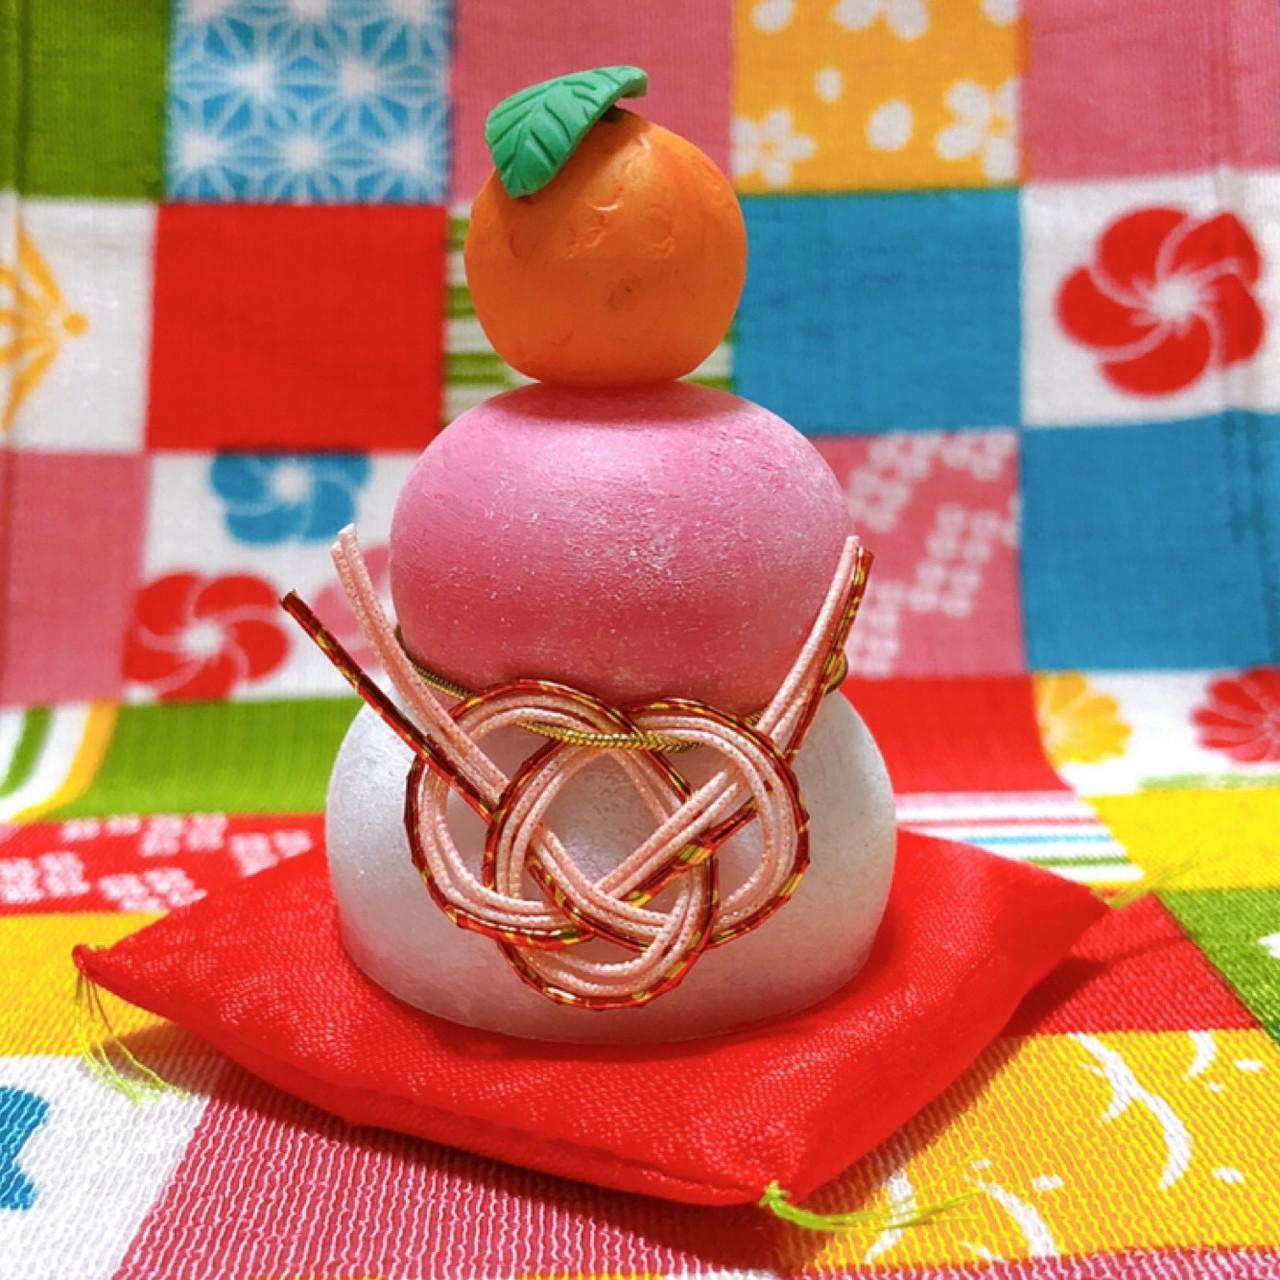 【川崎】お正月ワークショップ-鏡餅の食品サンプル作り- 2021年1月10日(日)